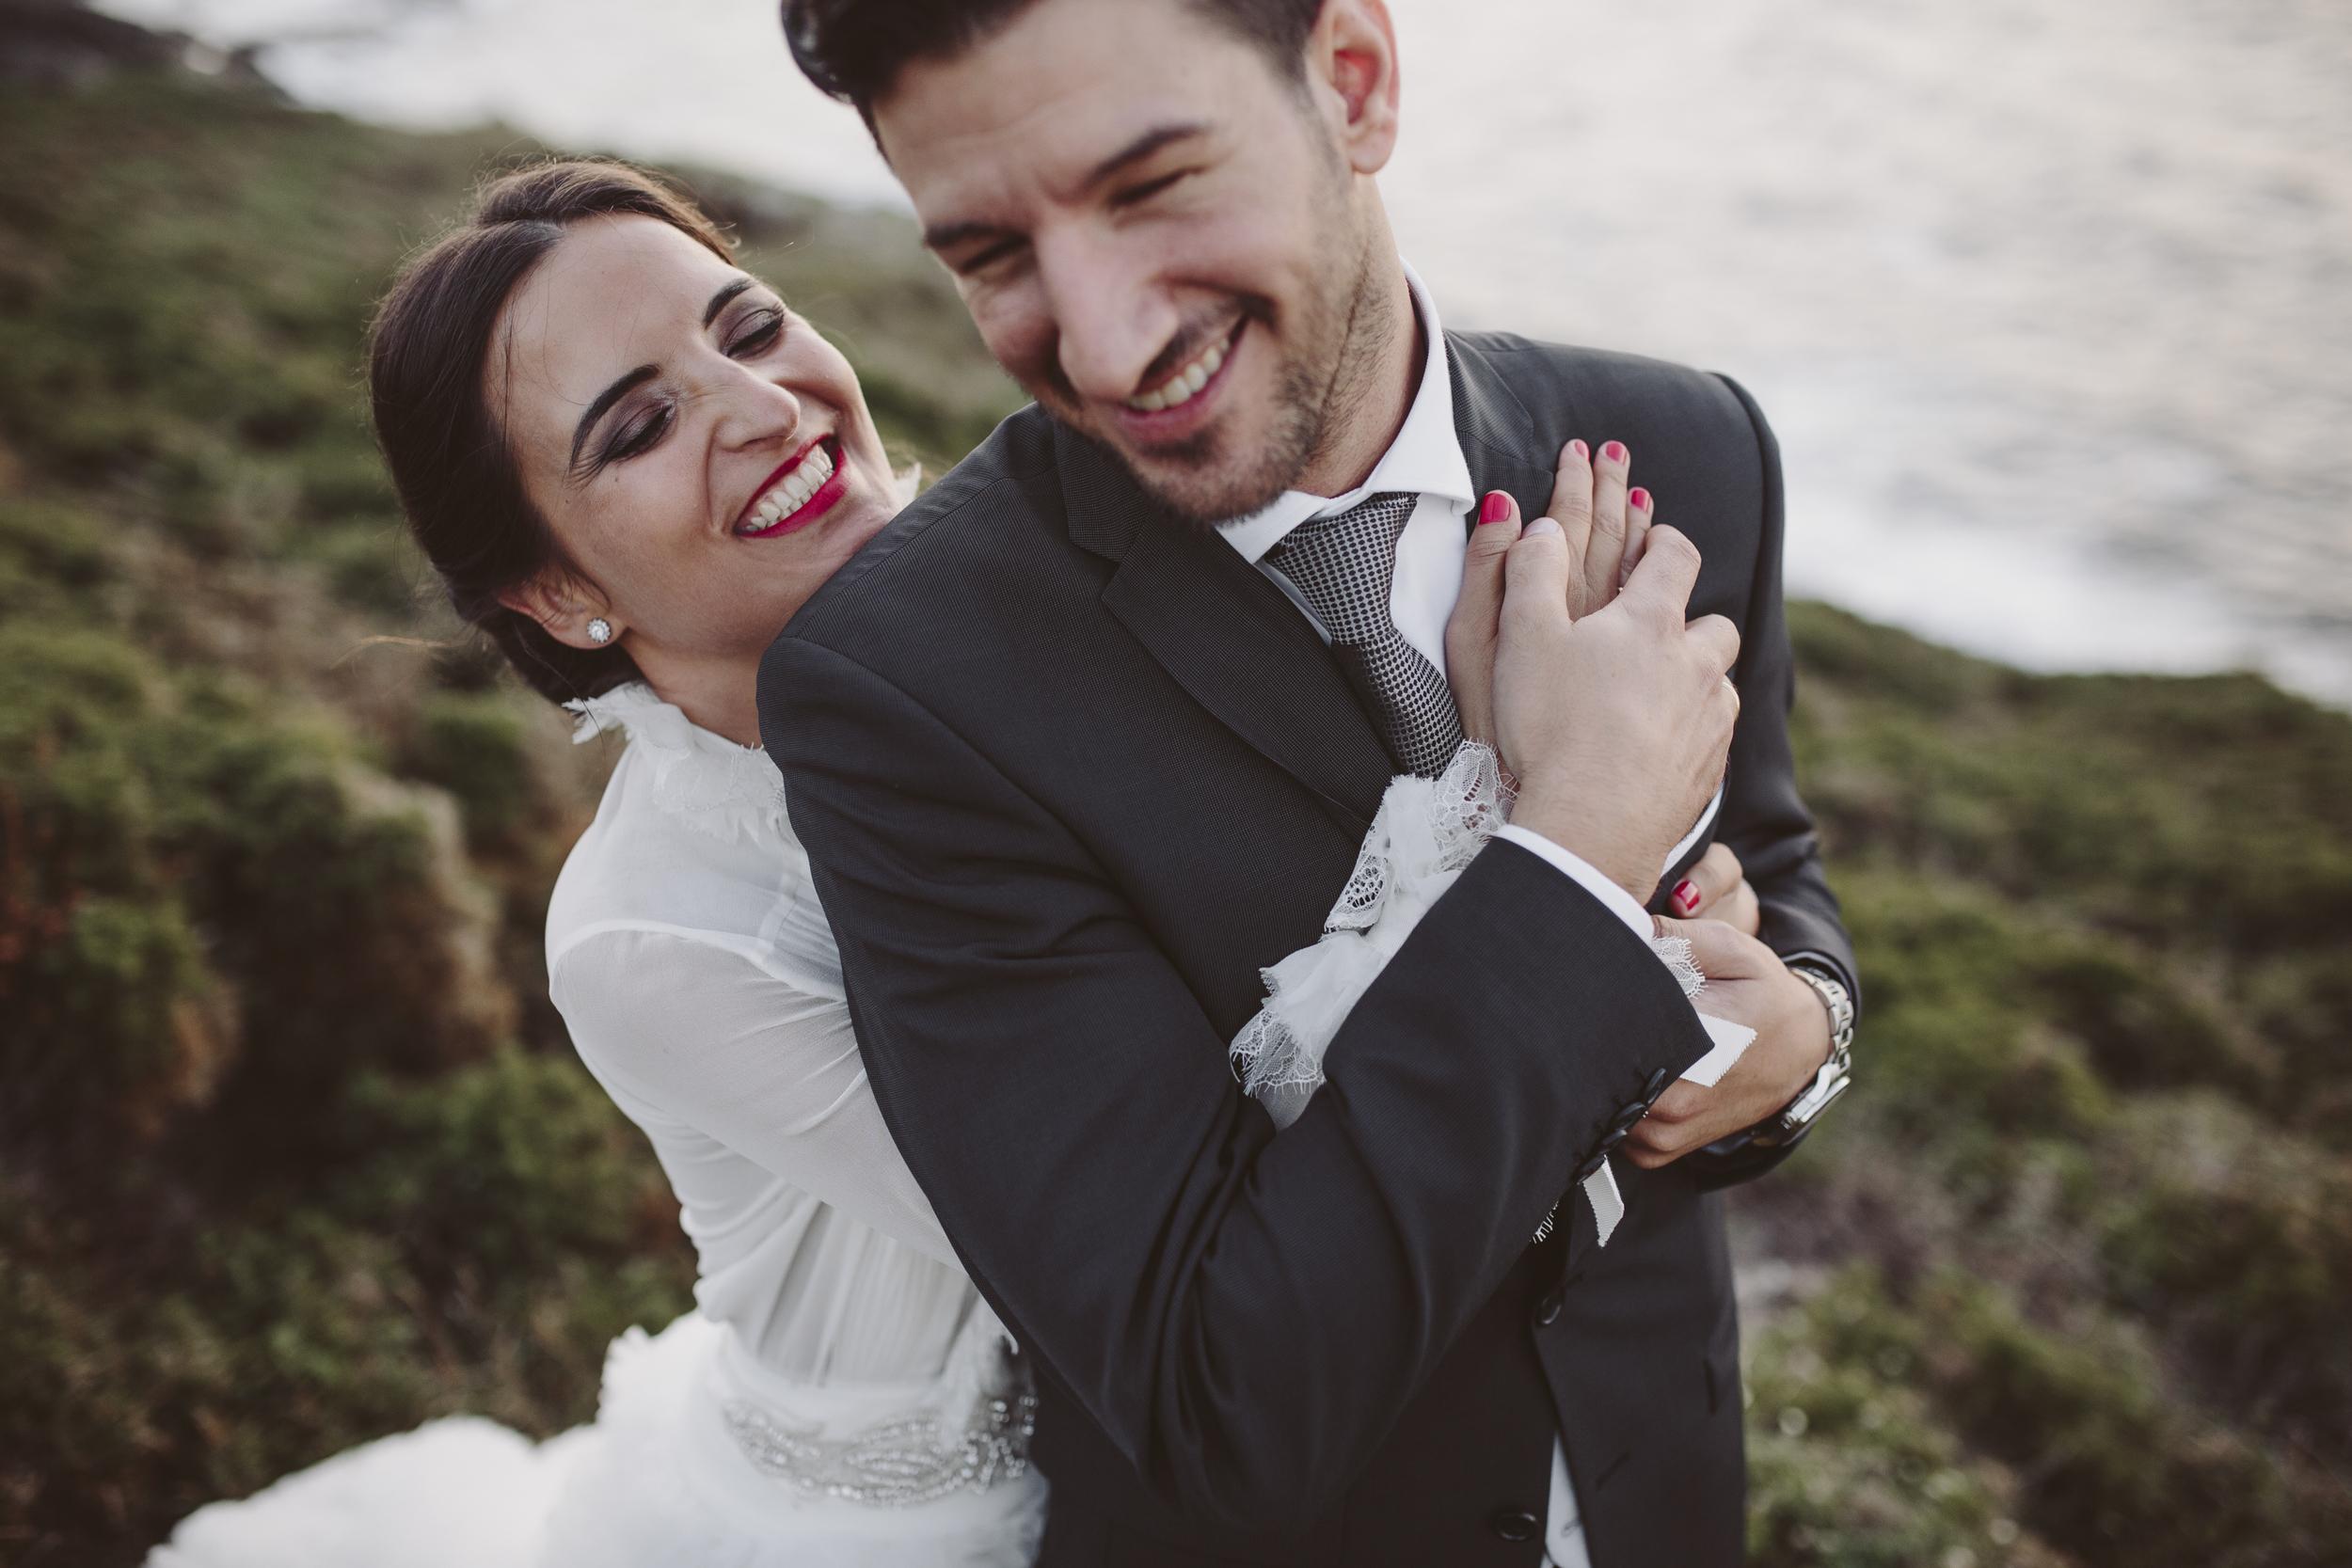 Fotografo bodas Pontevedra Graciela Vilagudin 667.jpg